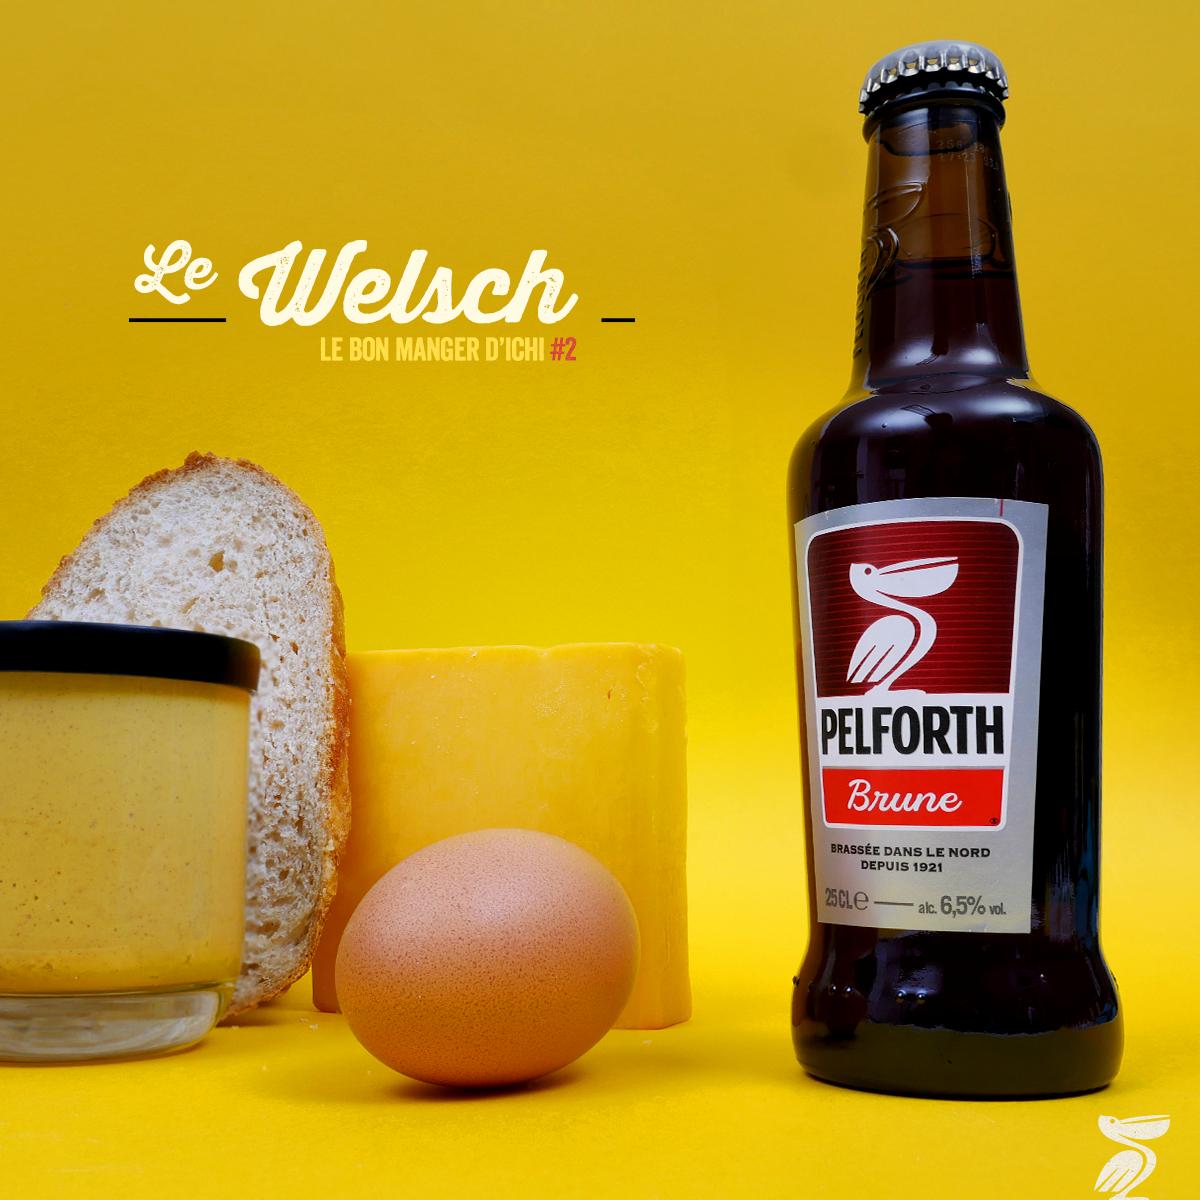 Pelforth, le recette du welsh